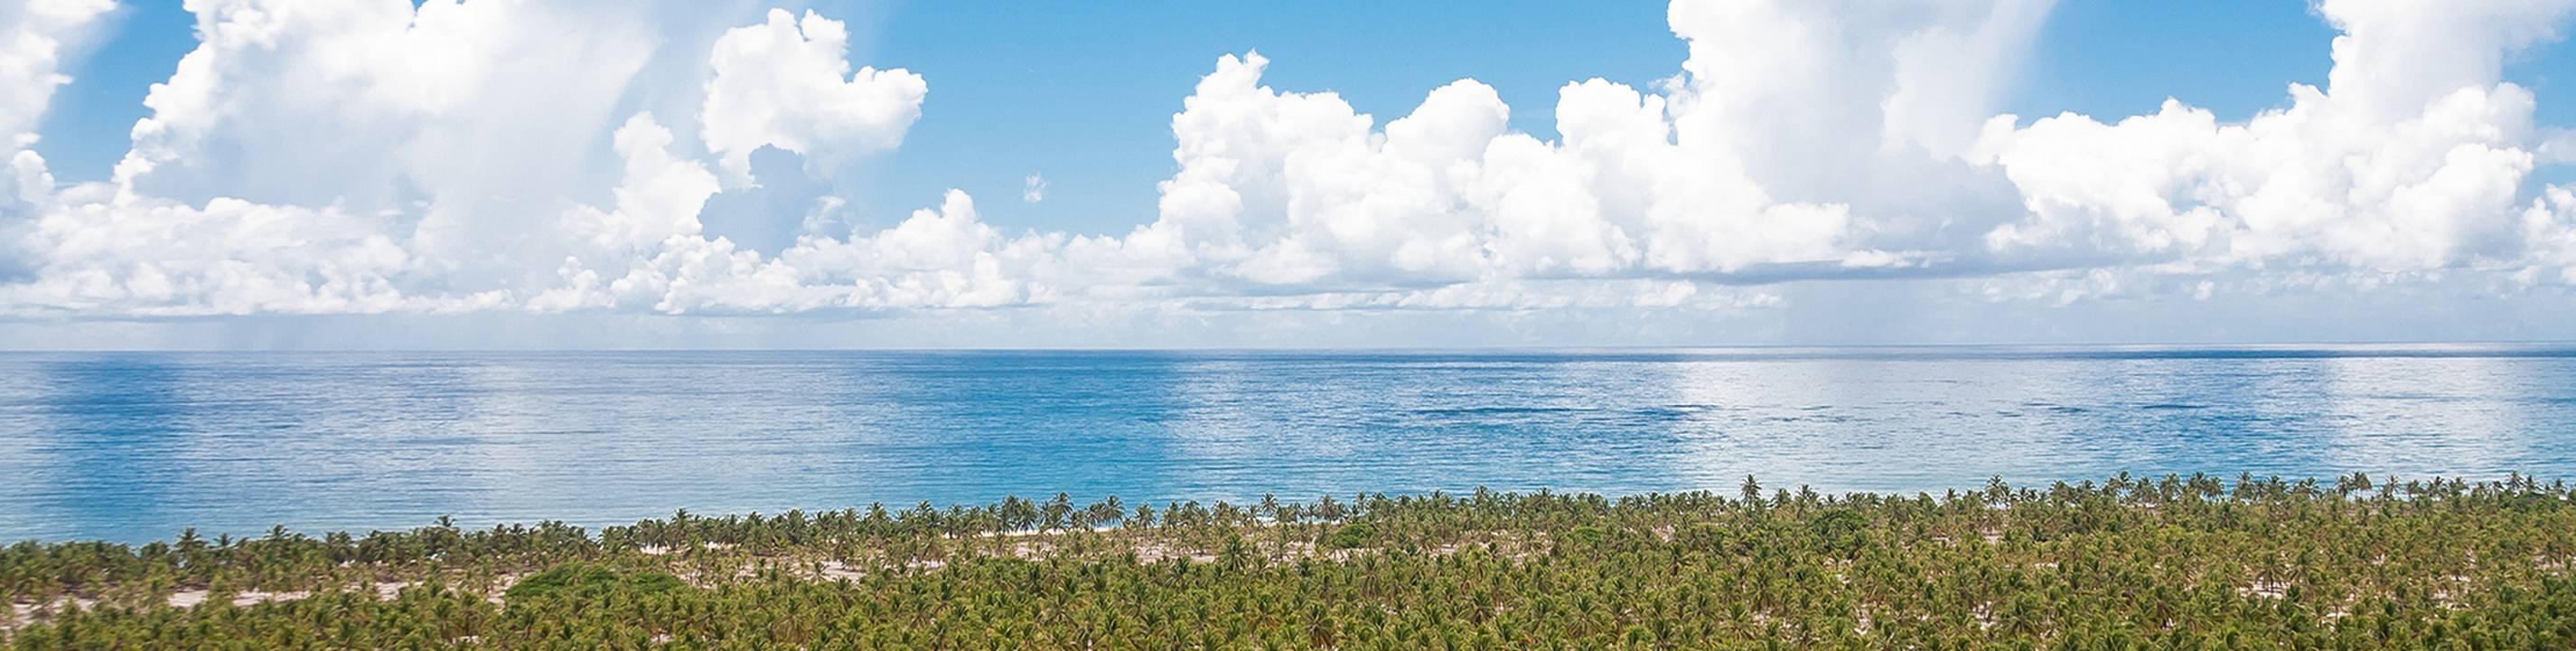 Hotel Pousada Paradiso Tropical: 7 Diárias para 2 Pessoas